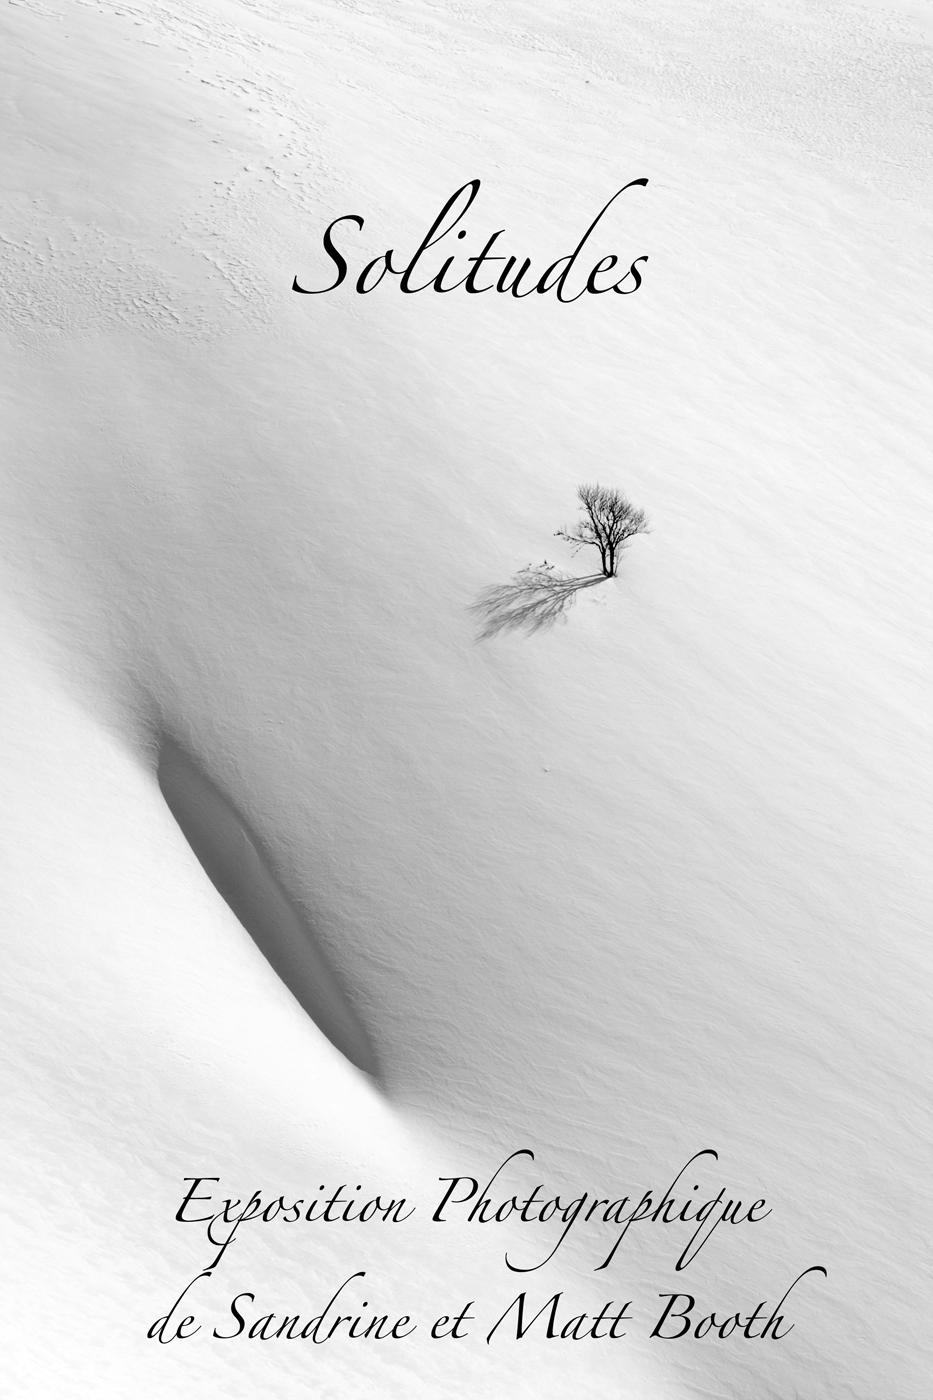 solitudes_exposition_prises2vues_z